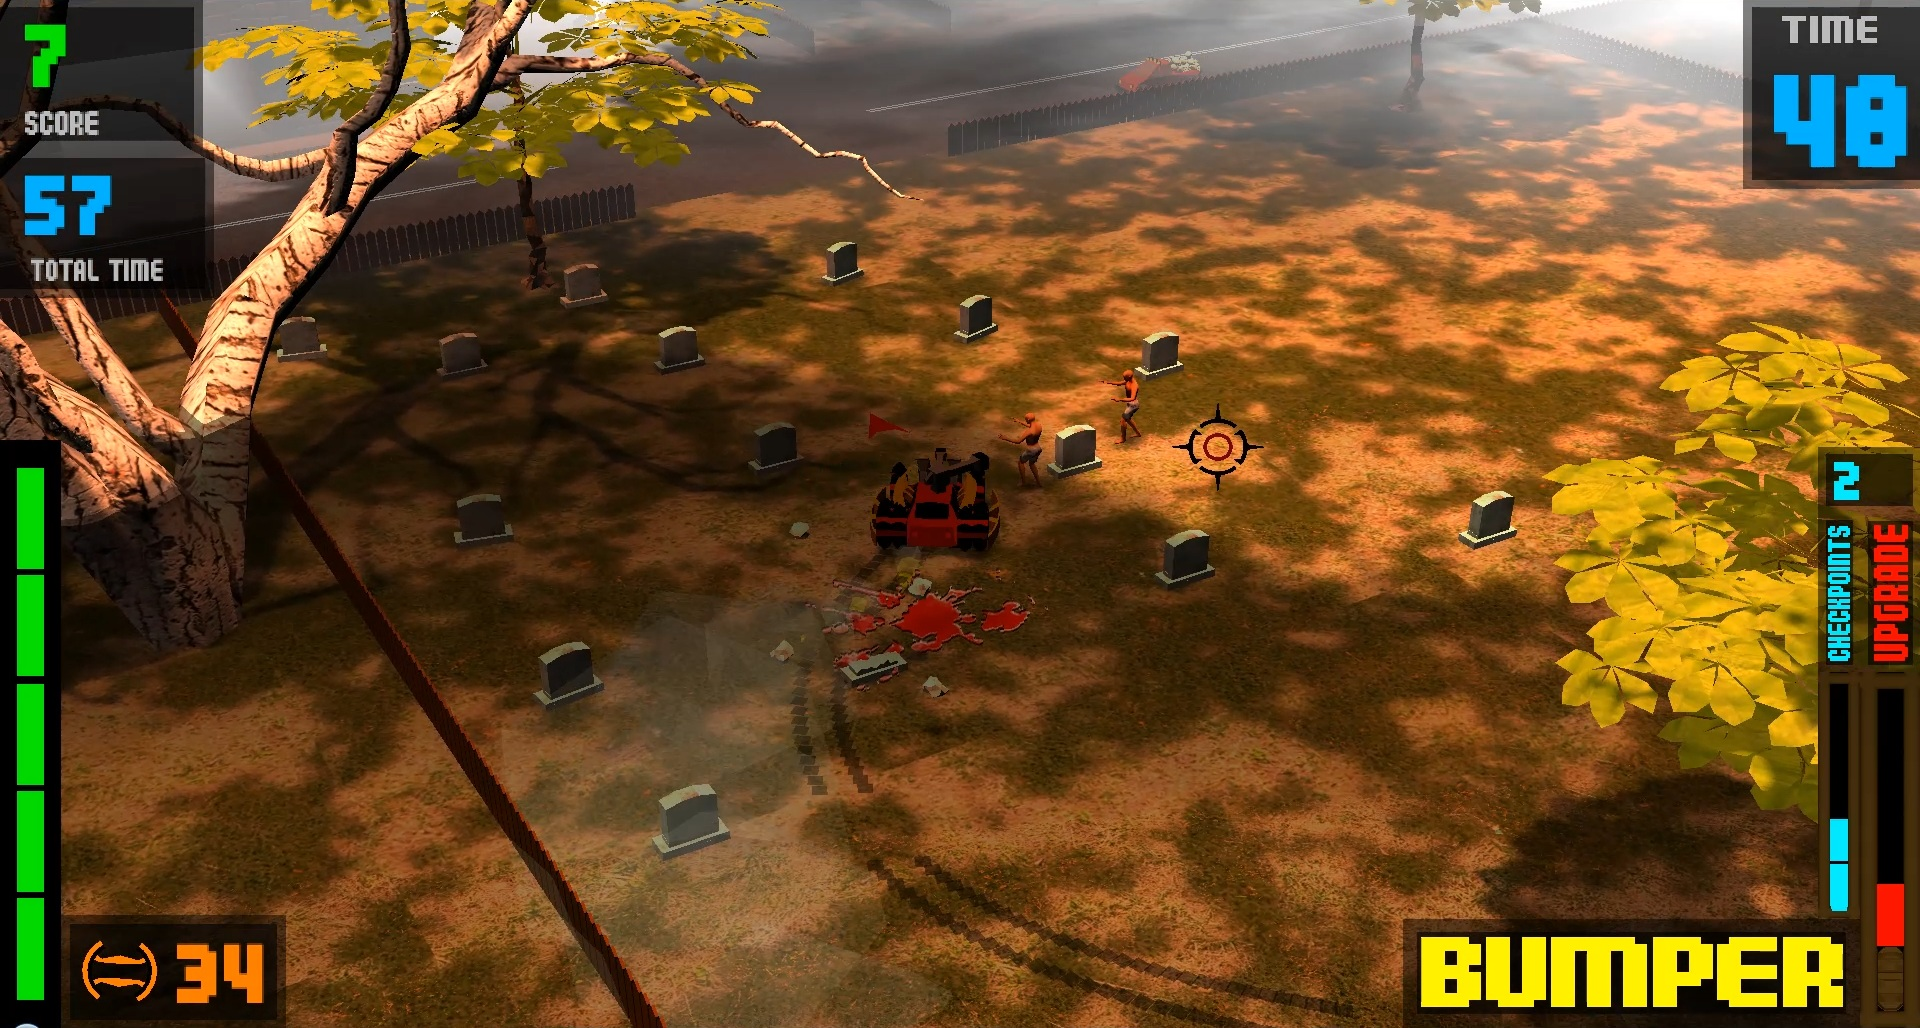 Bumper Halloween screenshot